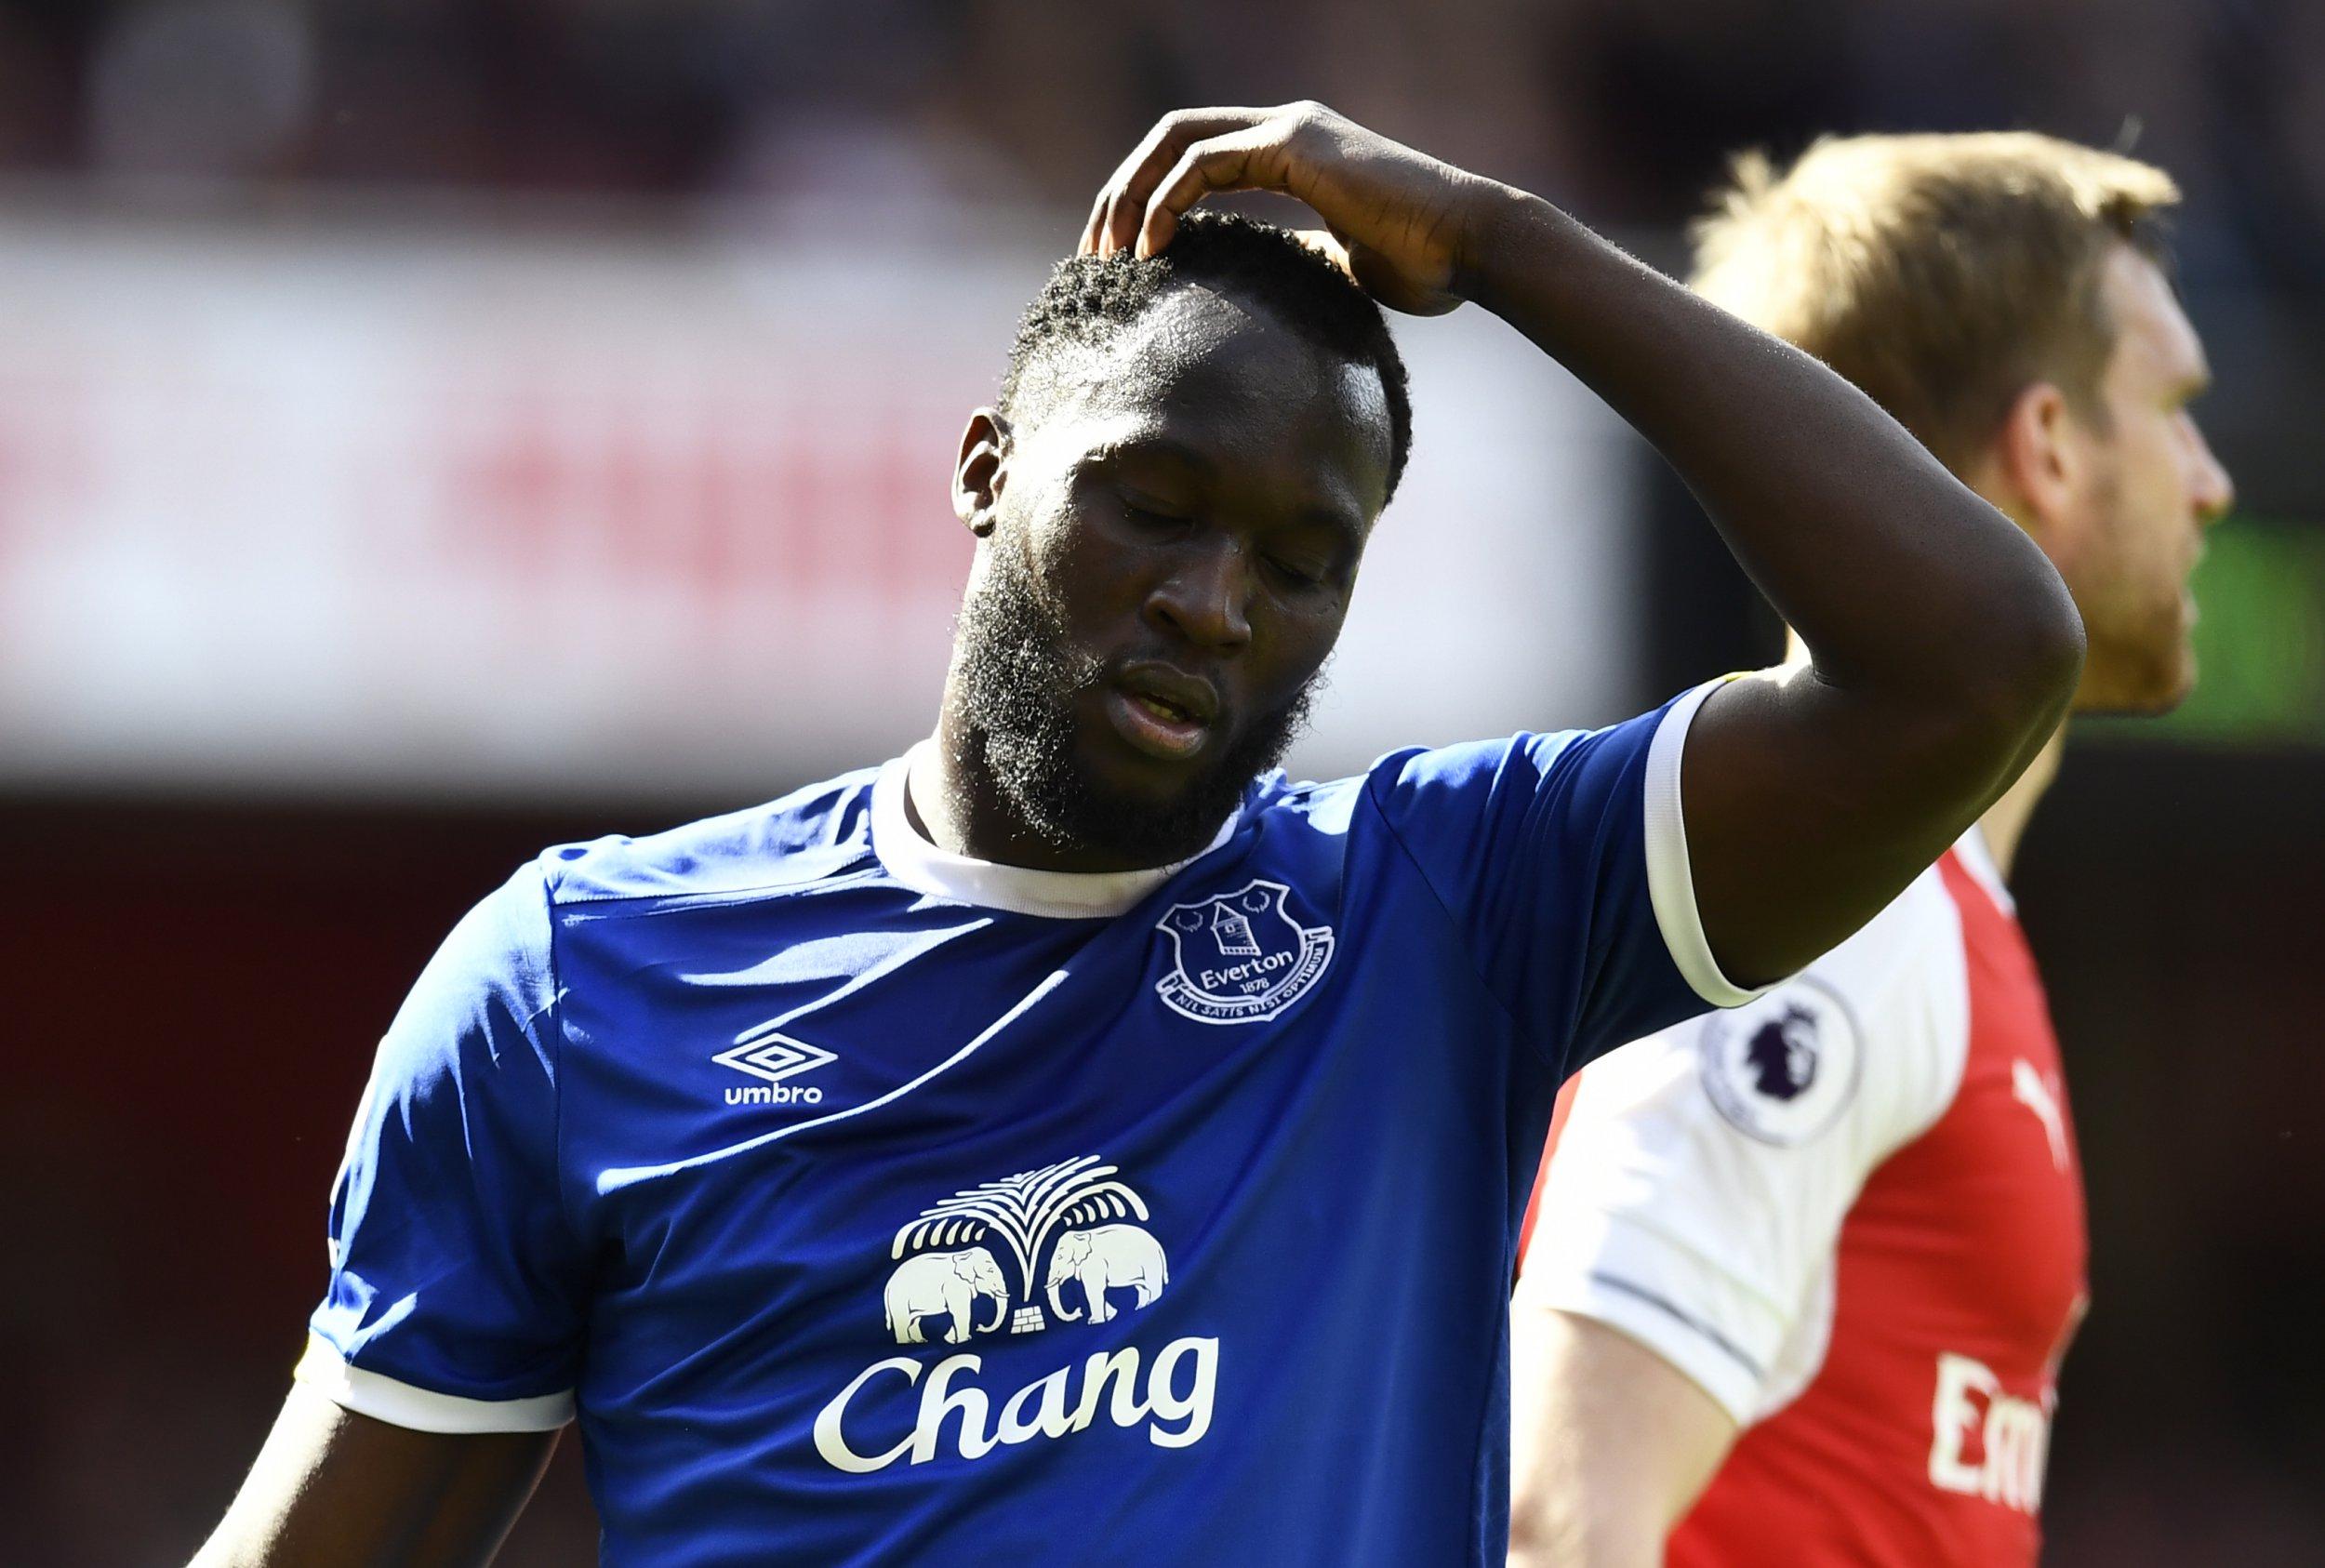 Chelsea match Manchester United's transfer bid for Romelu Lukaku